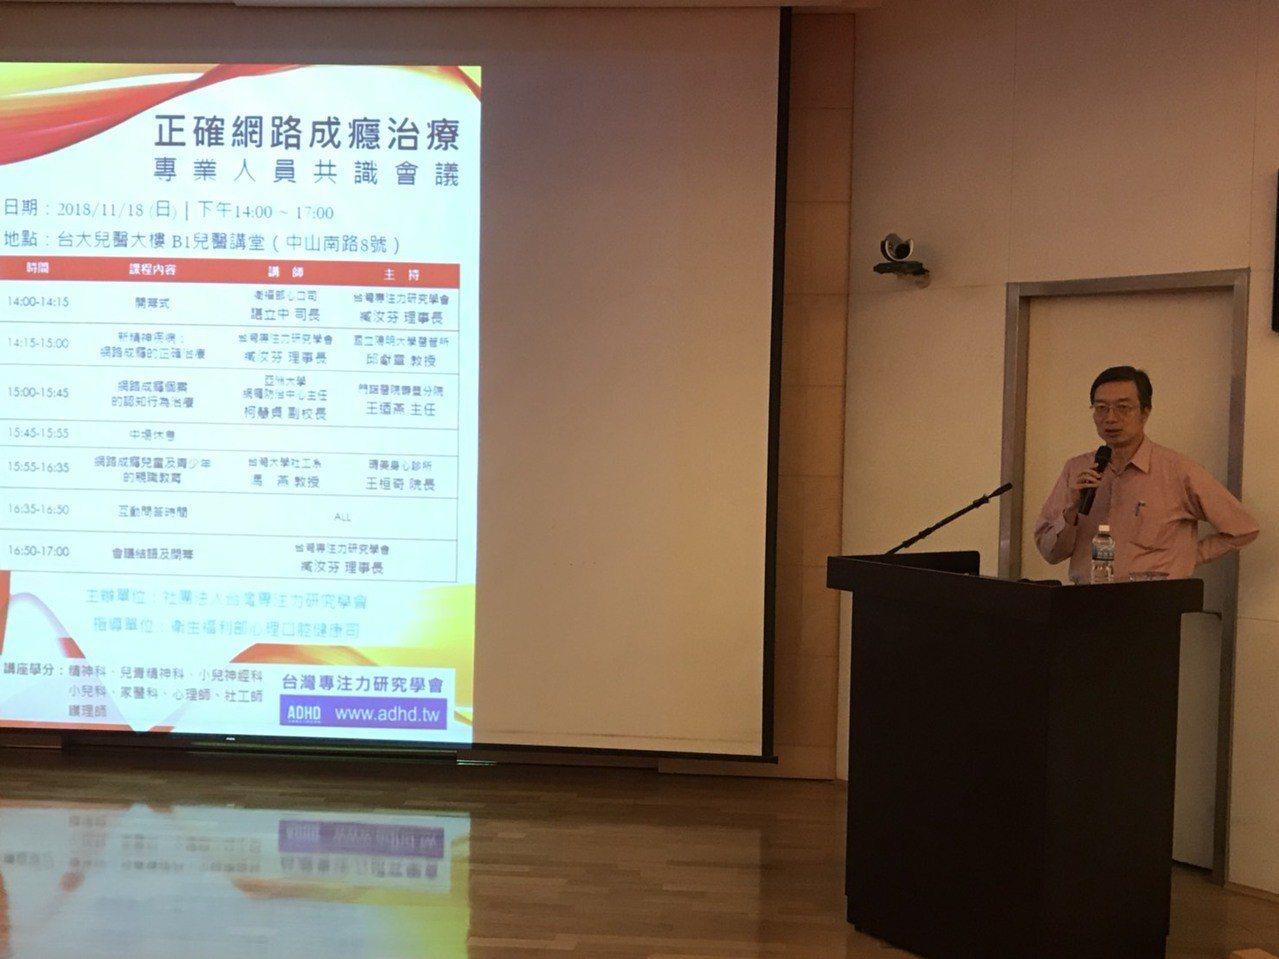 衛福部心口司司長諶立中今出席「正確網路成癮治療」共識會議時表示,感謝台灣專注力研...